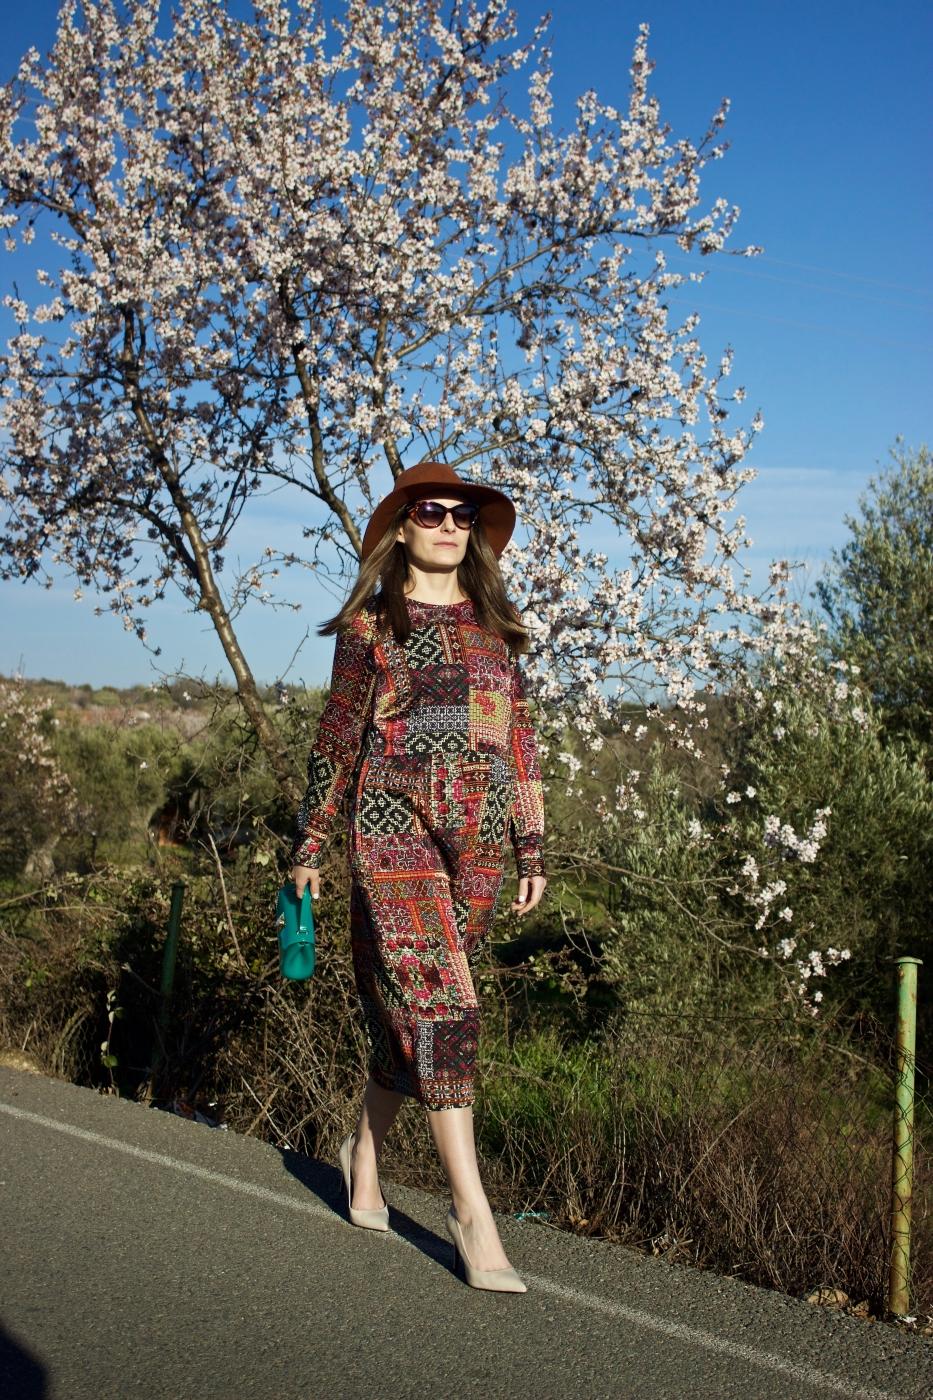 lara-vazquez-madlula-style-streetstyle-look-fashion-blog-moda-easy-chic